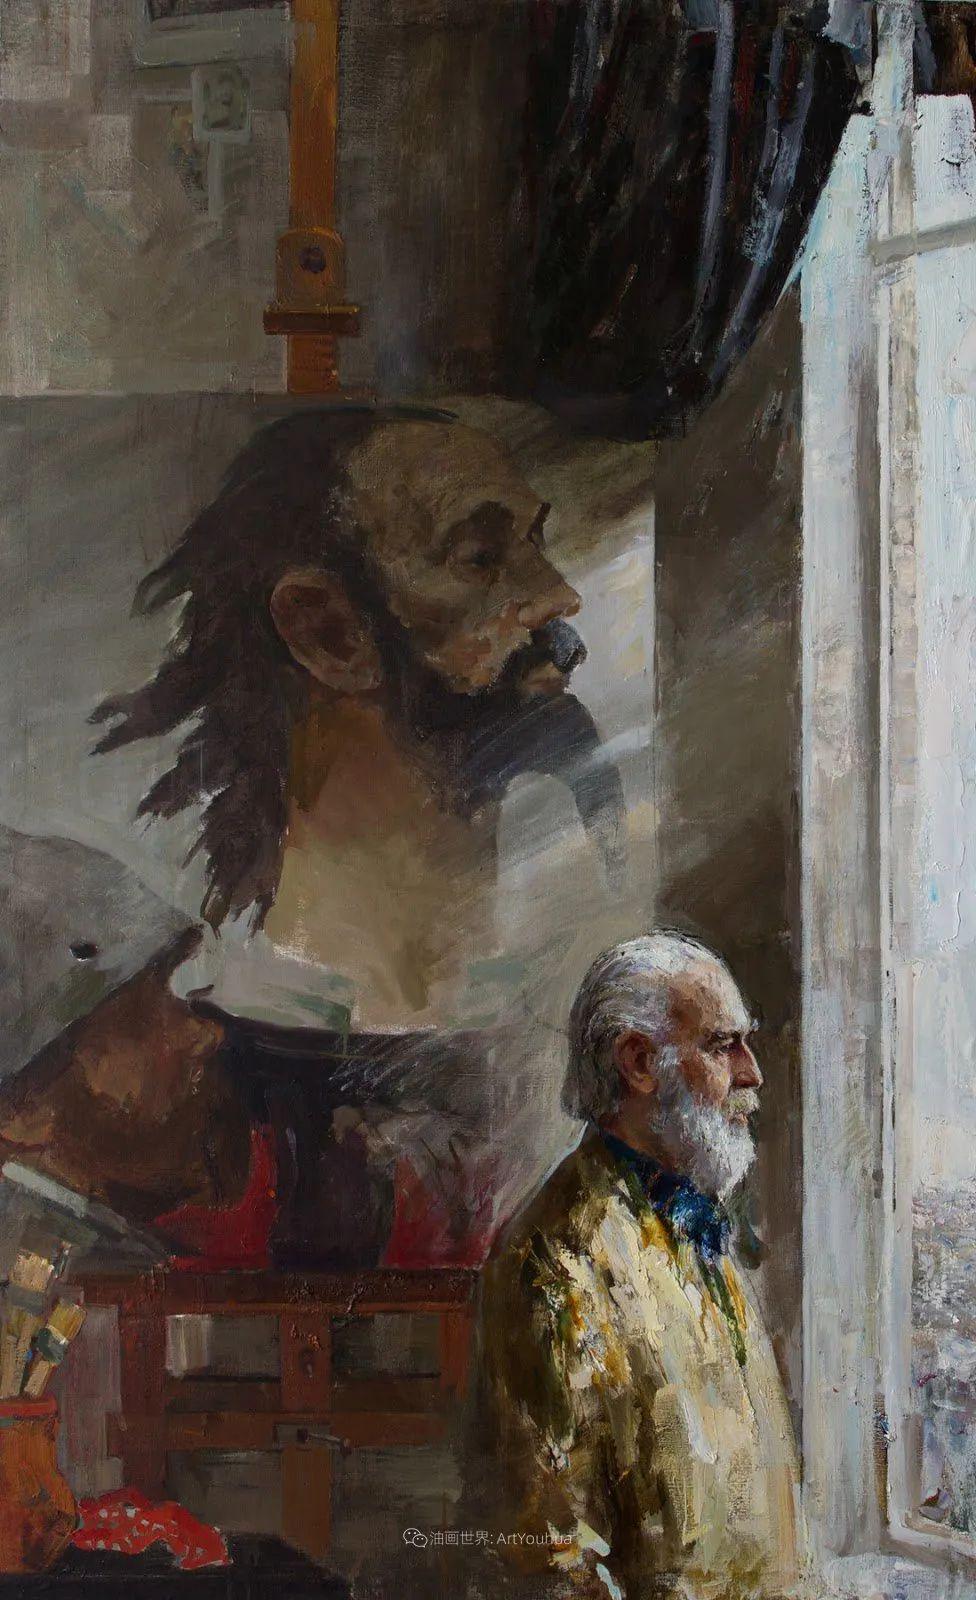 超美的具象油画色彩,俄罗斯青年女画家Anastasiya Matveeva插图45